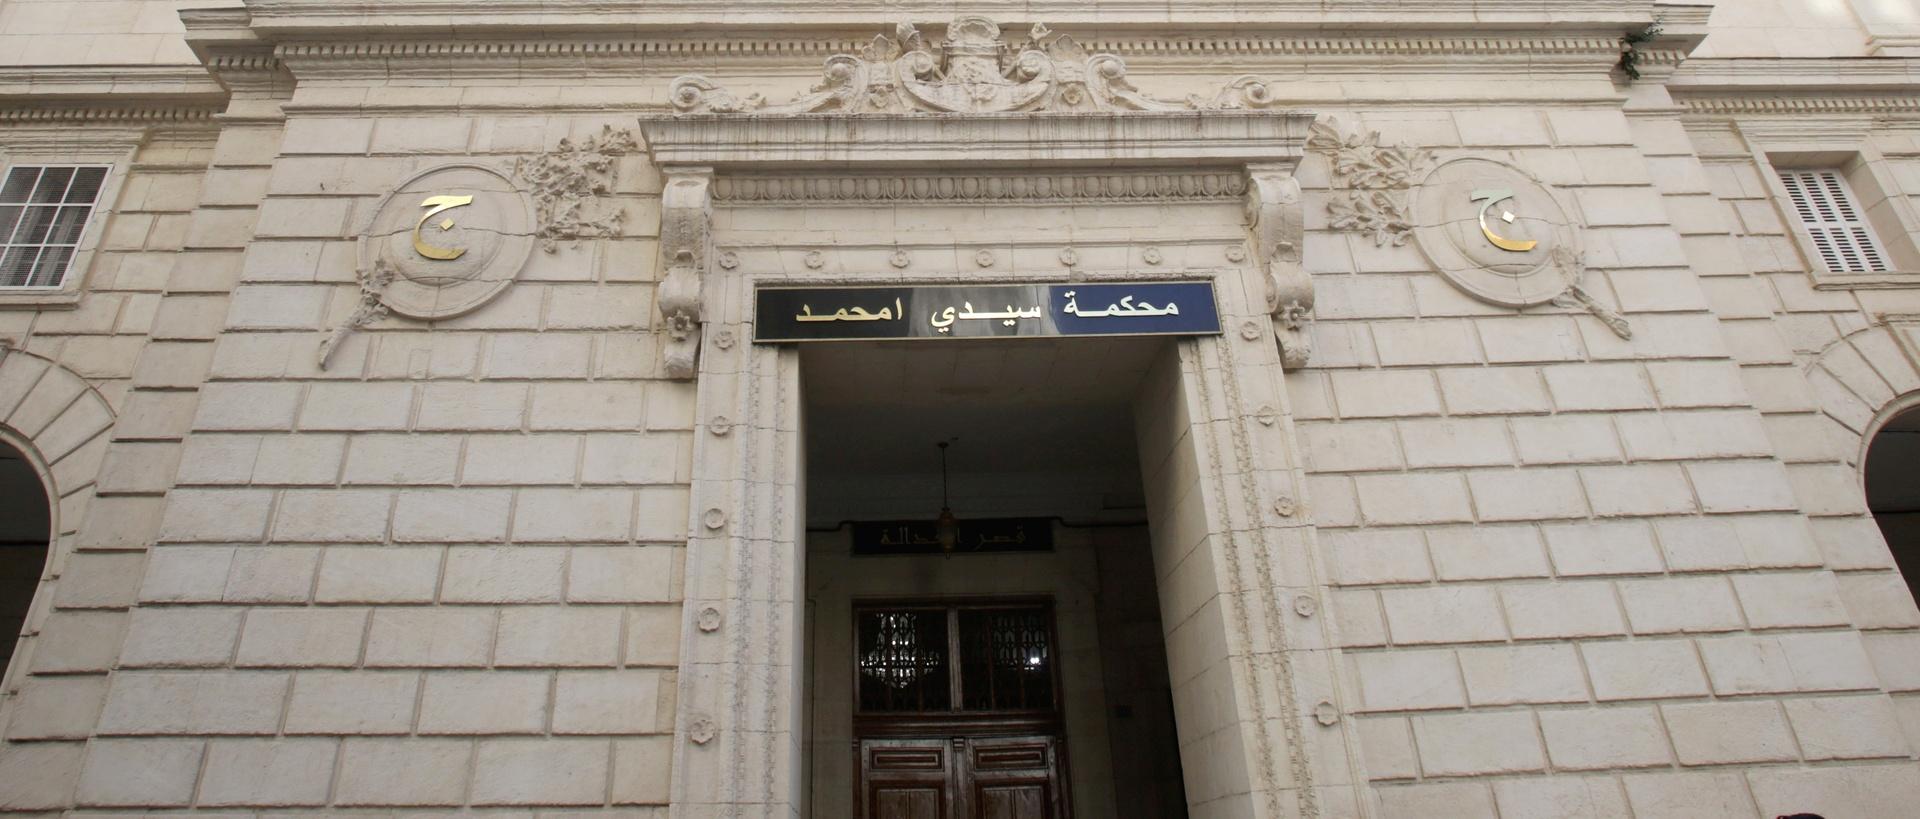 الجزائر تحاكم سيدة على عتبة الـ 70 من العمر وفتاة بتهمة